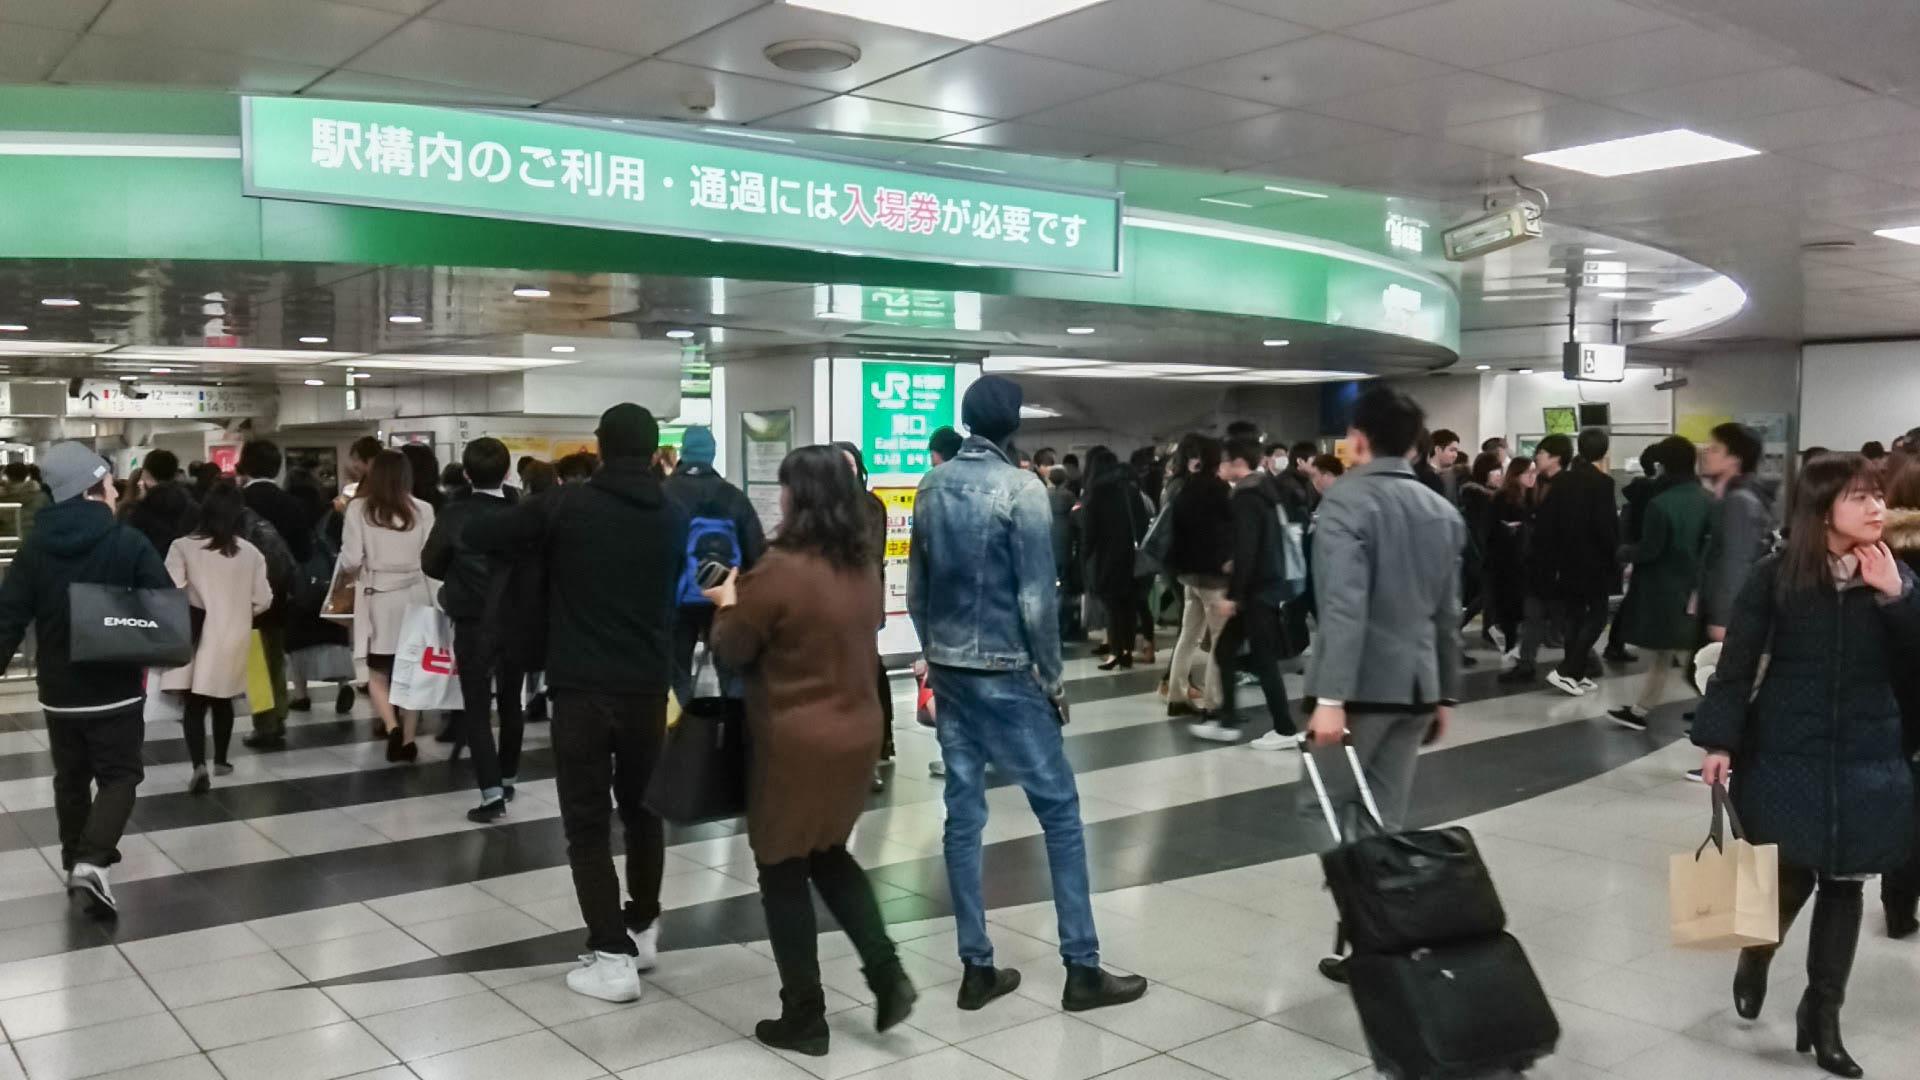 【写真解説!】天候に左右されないで新宿駅を通り抜ける!地下道で<東口から西口>まで通り抜ける方法